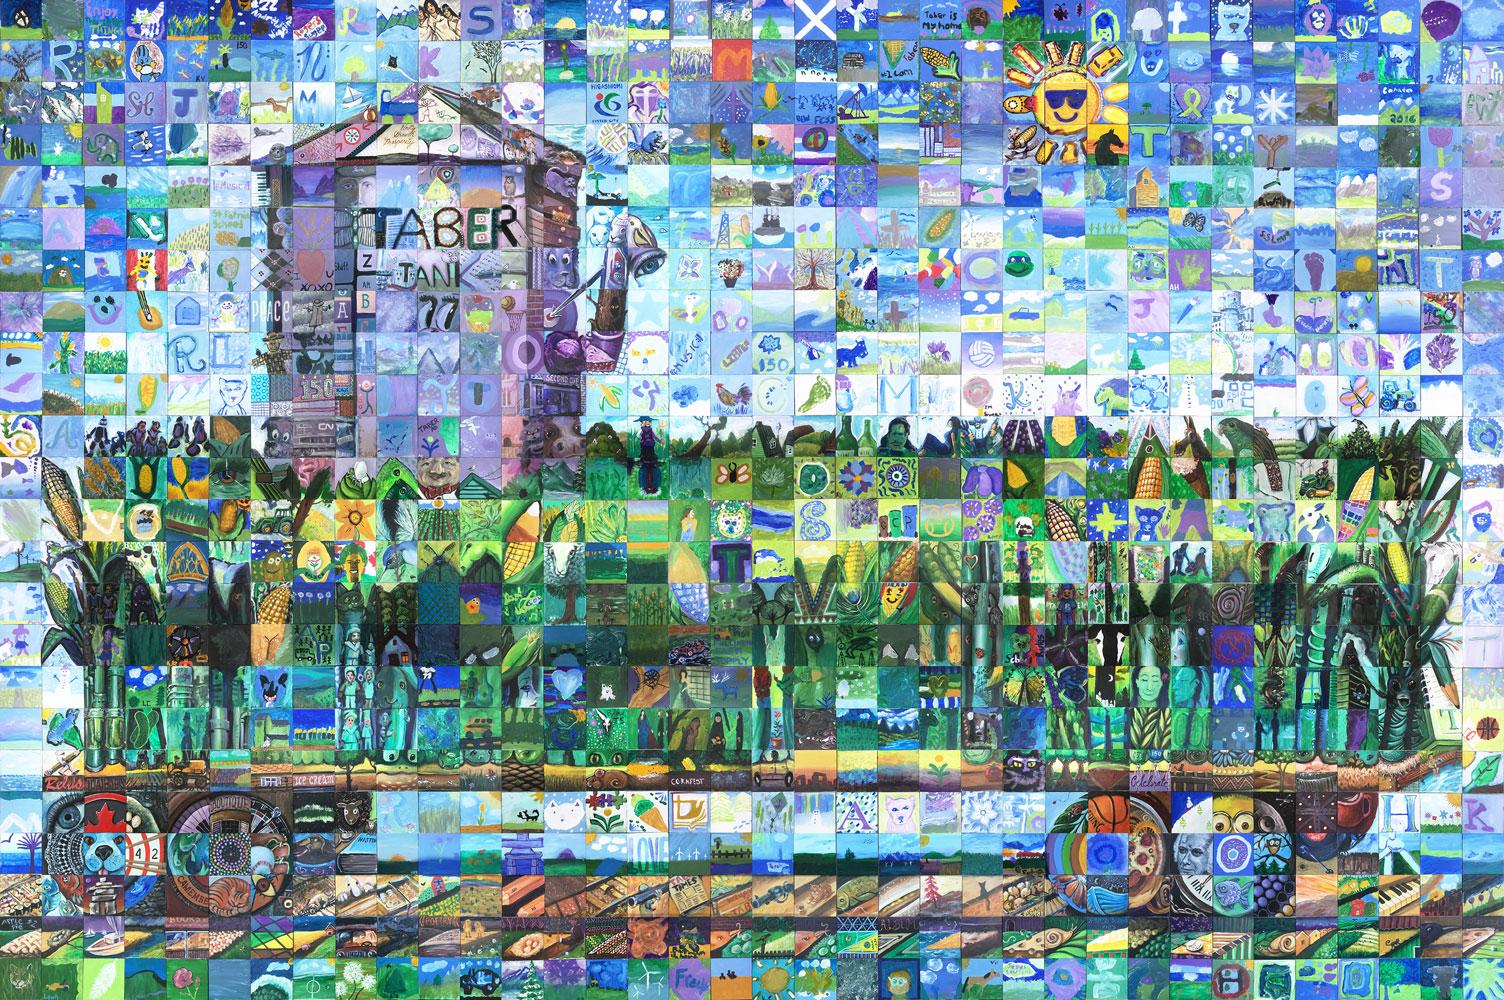 Taber , Alberta Canada 150 mural